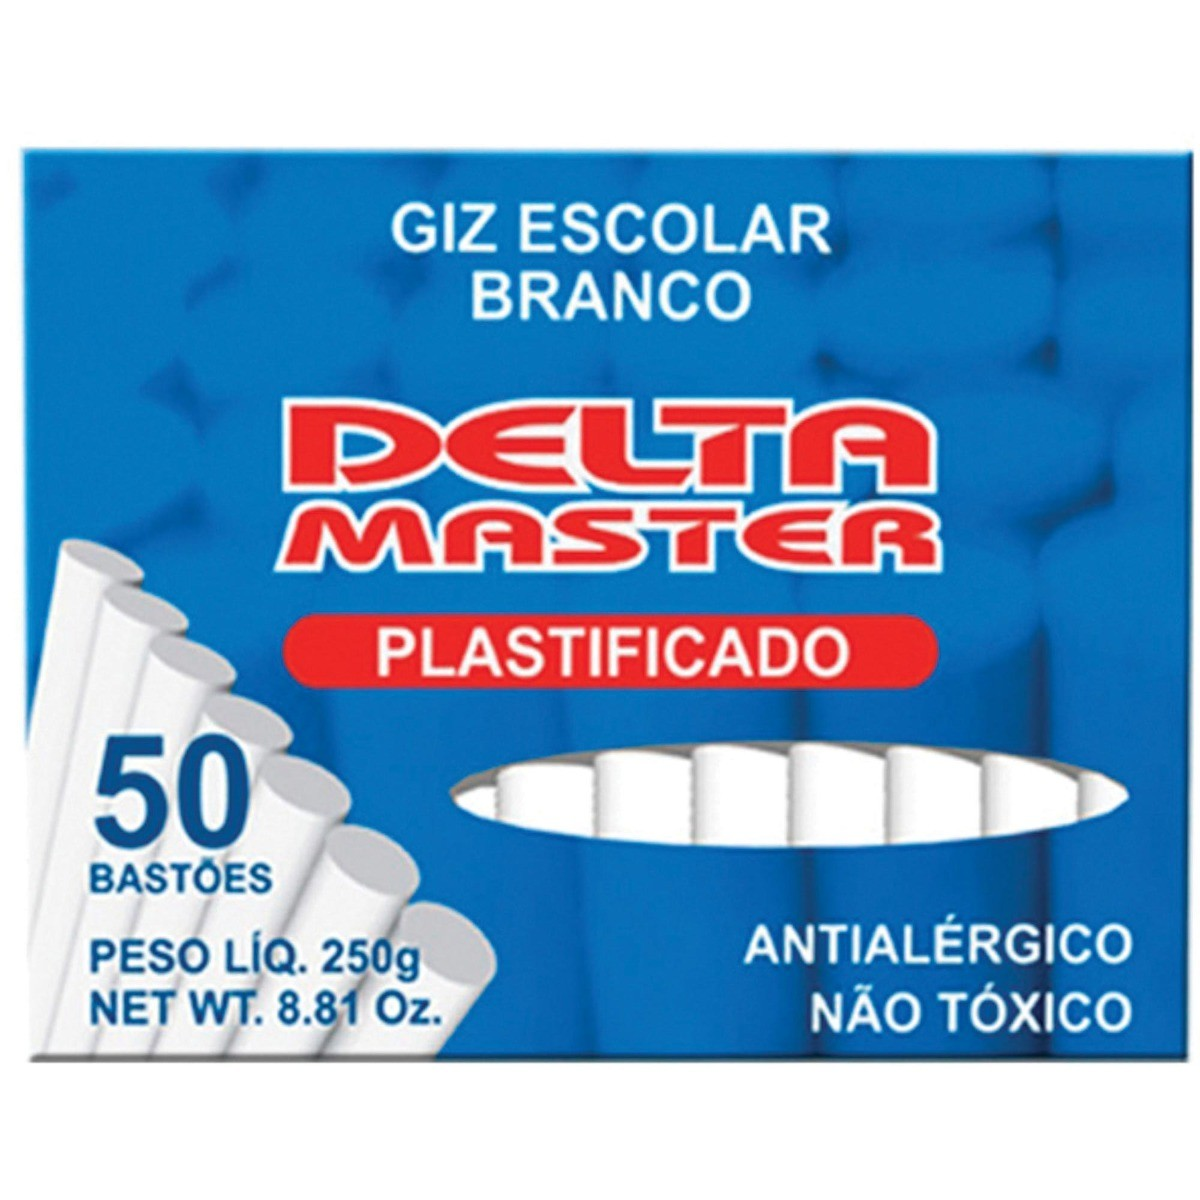 Giz Branco Escolar Plastificado Delta Master - Caixa com 50 unid.